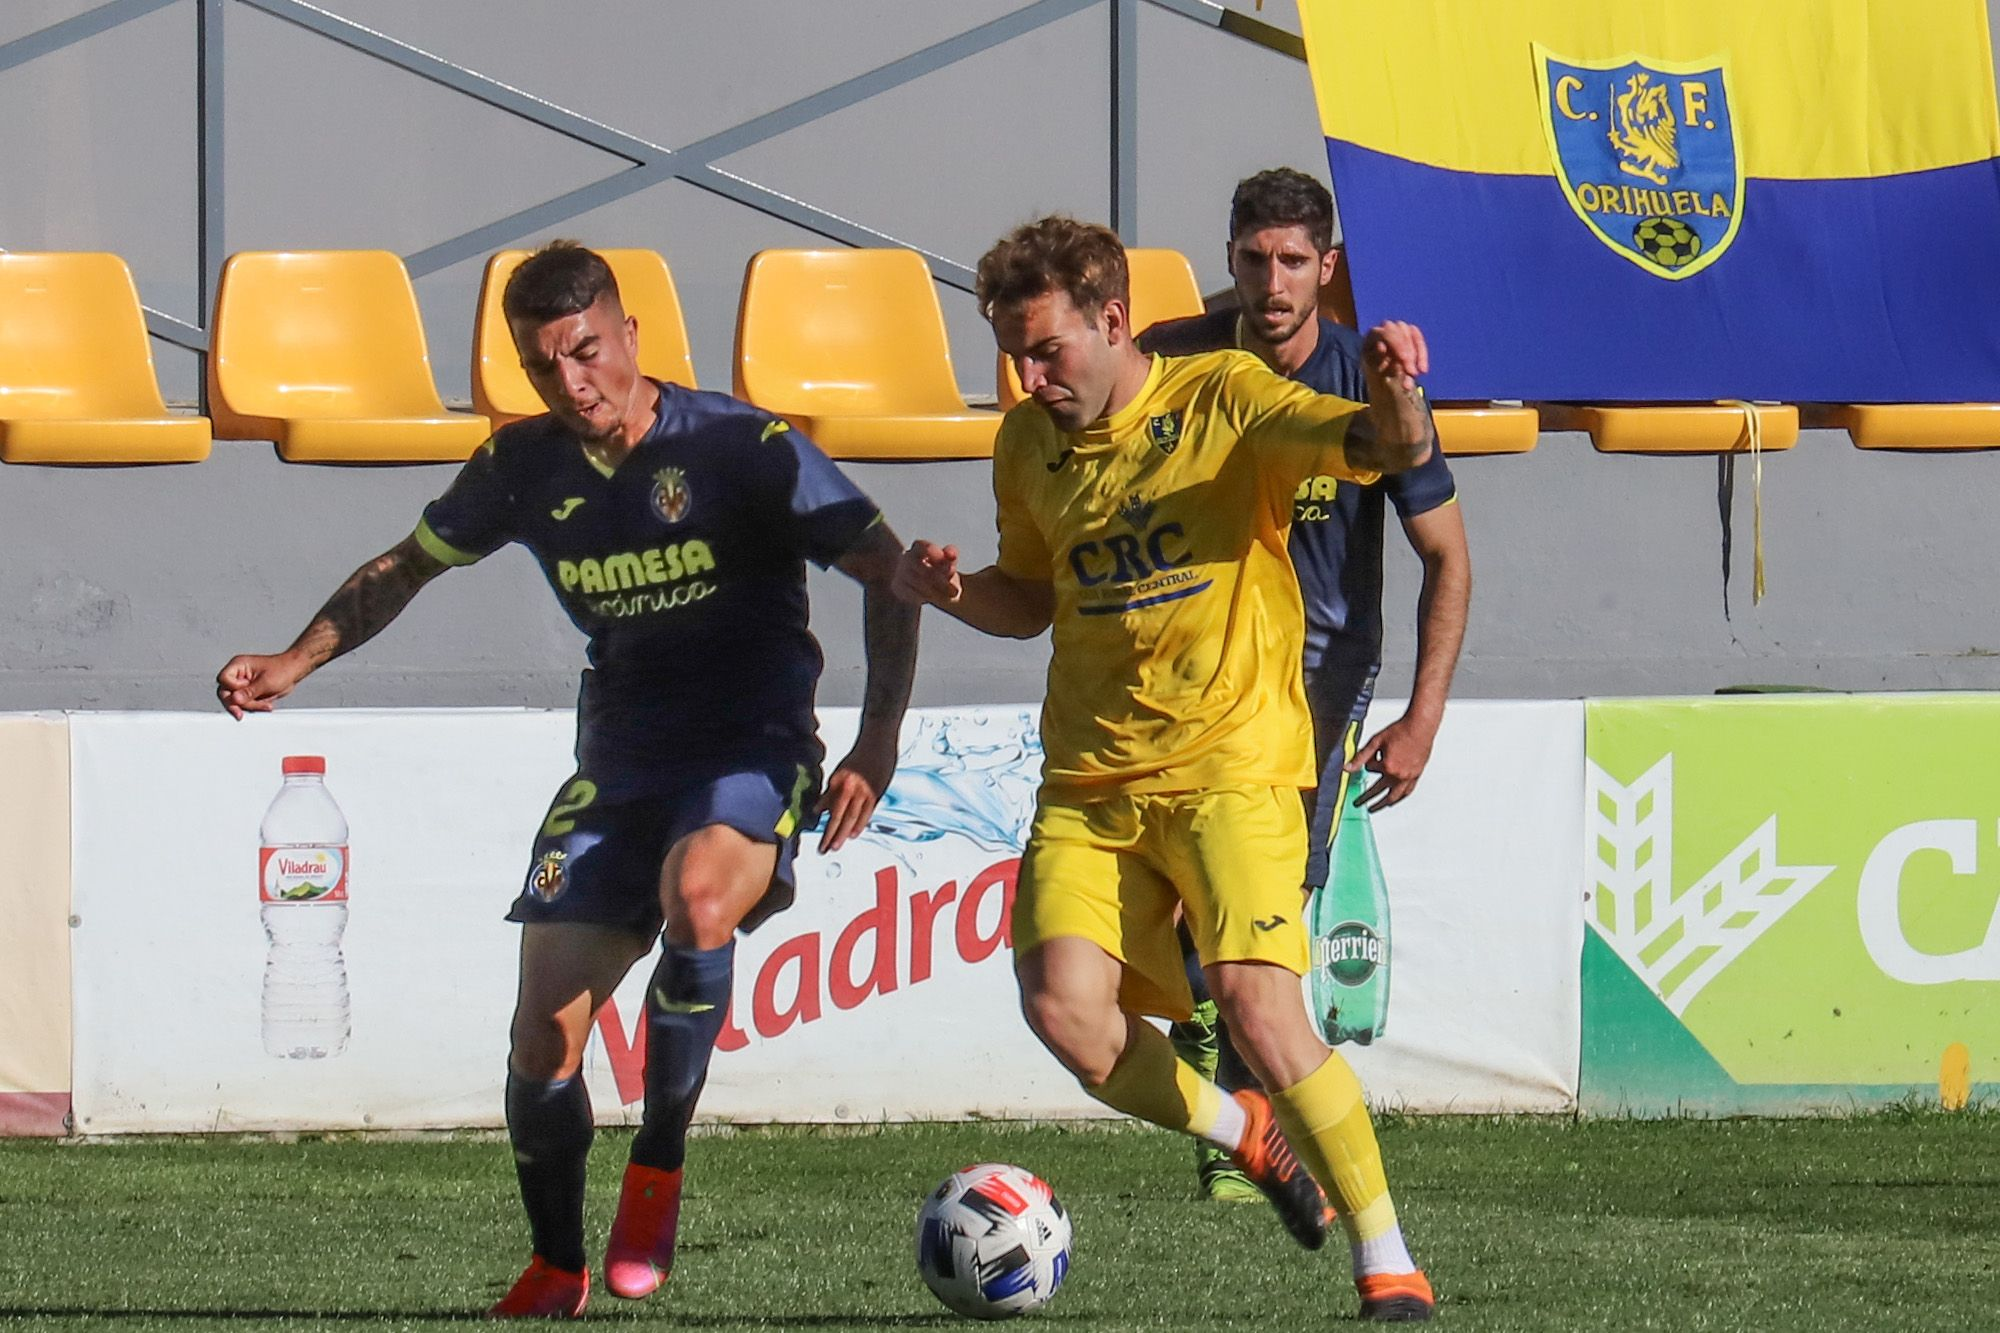 El Orihuela cae por 2-4 en un partido vibrante ante el Villarreal B